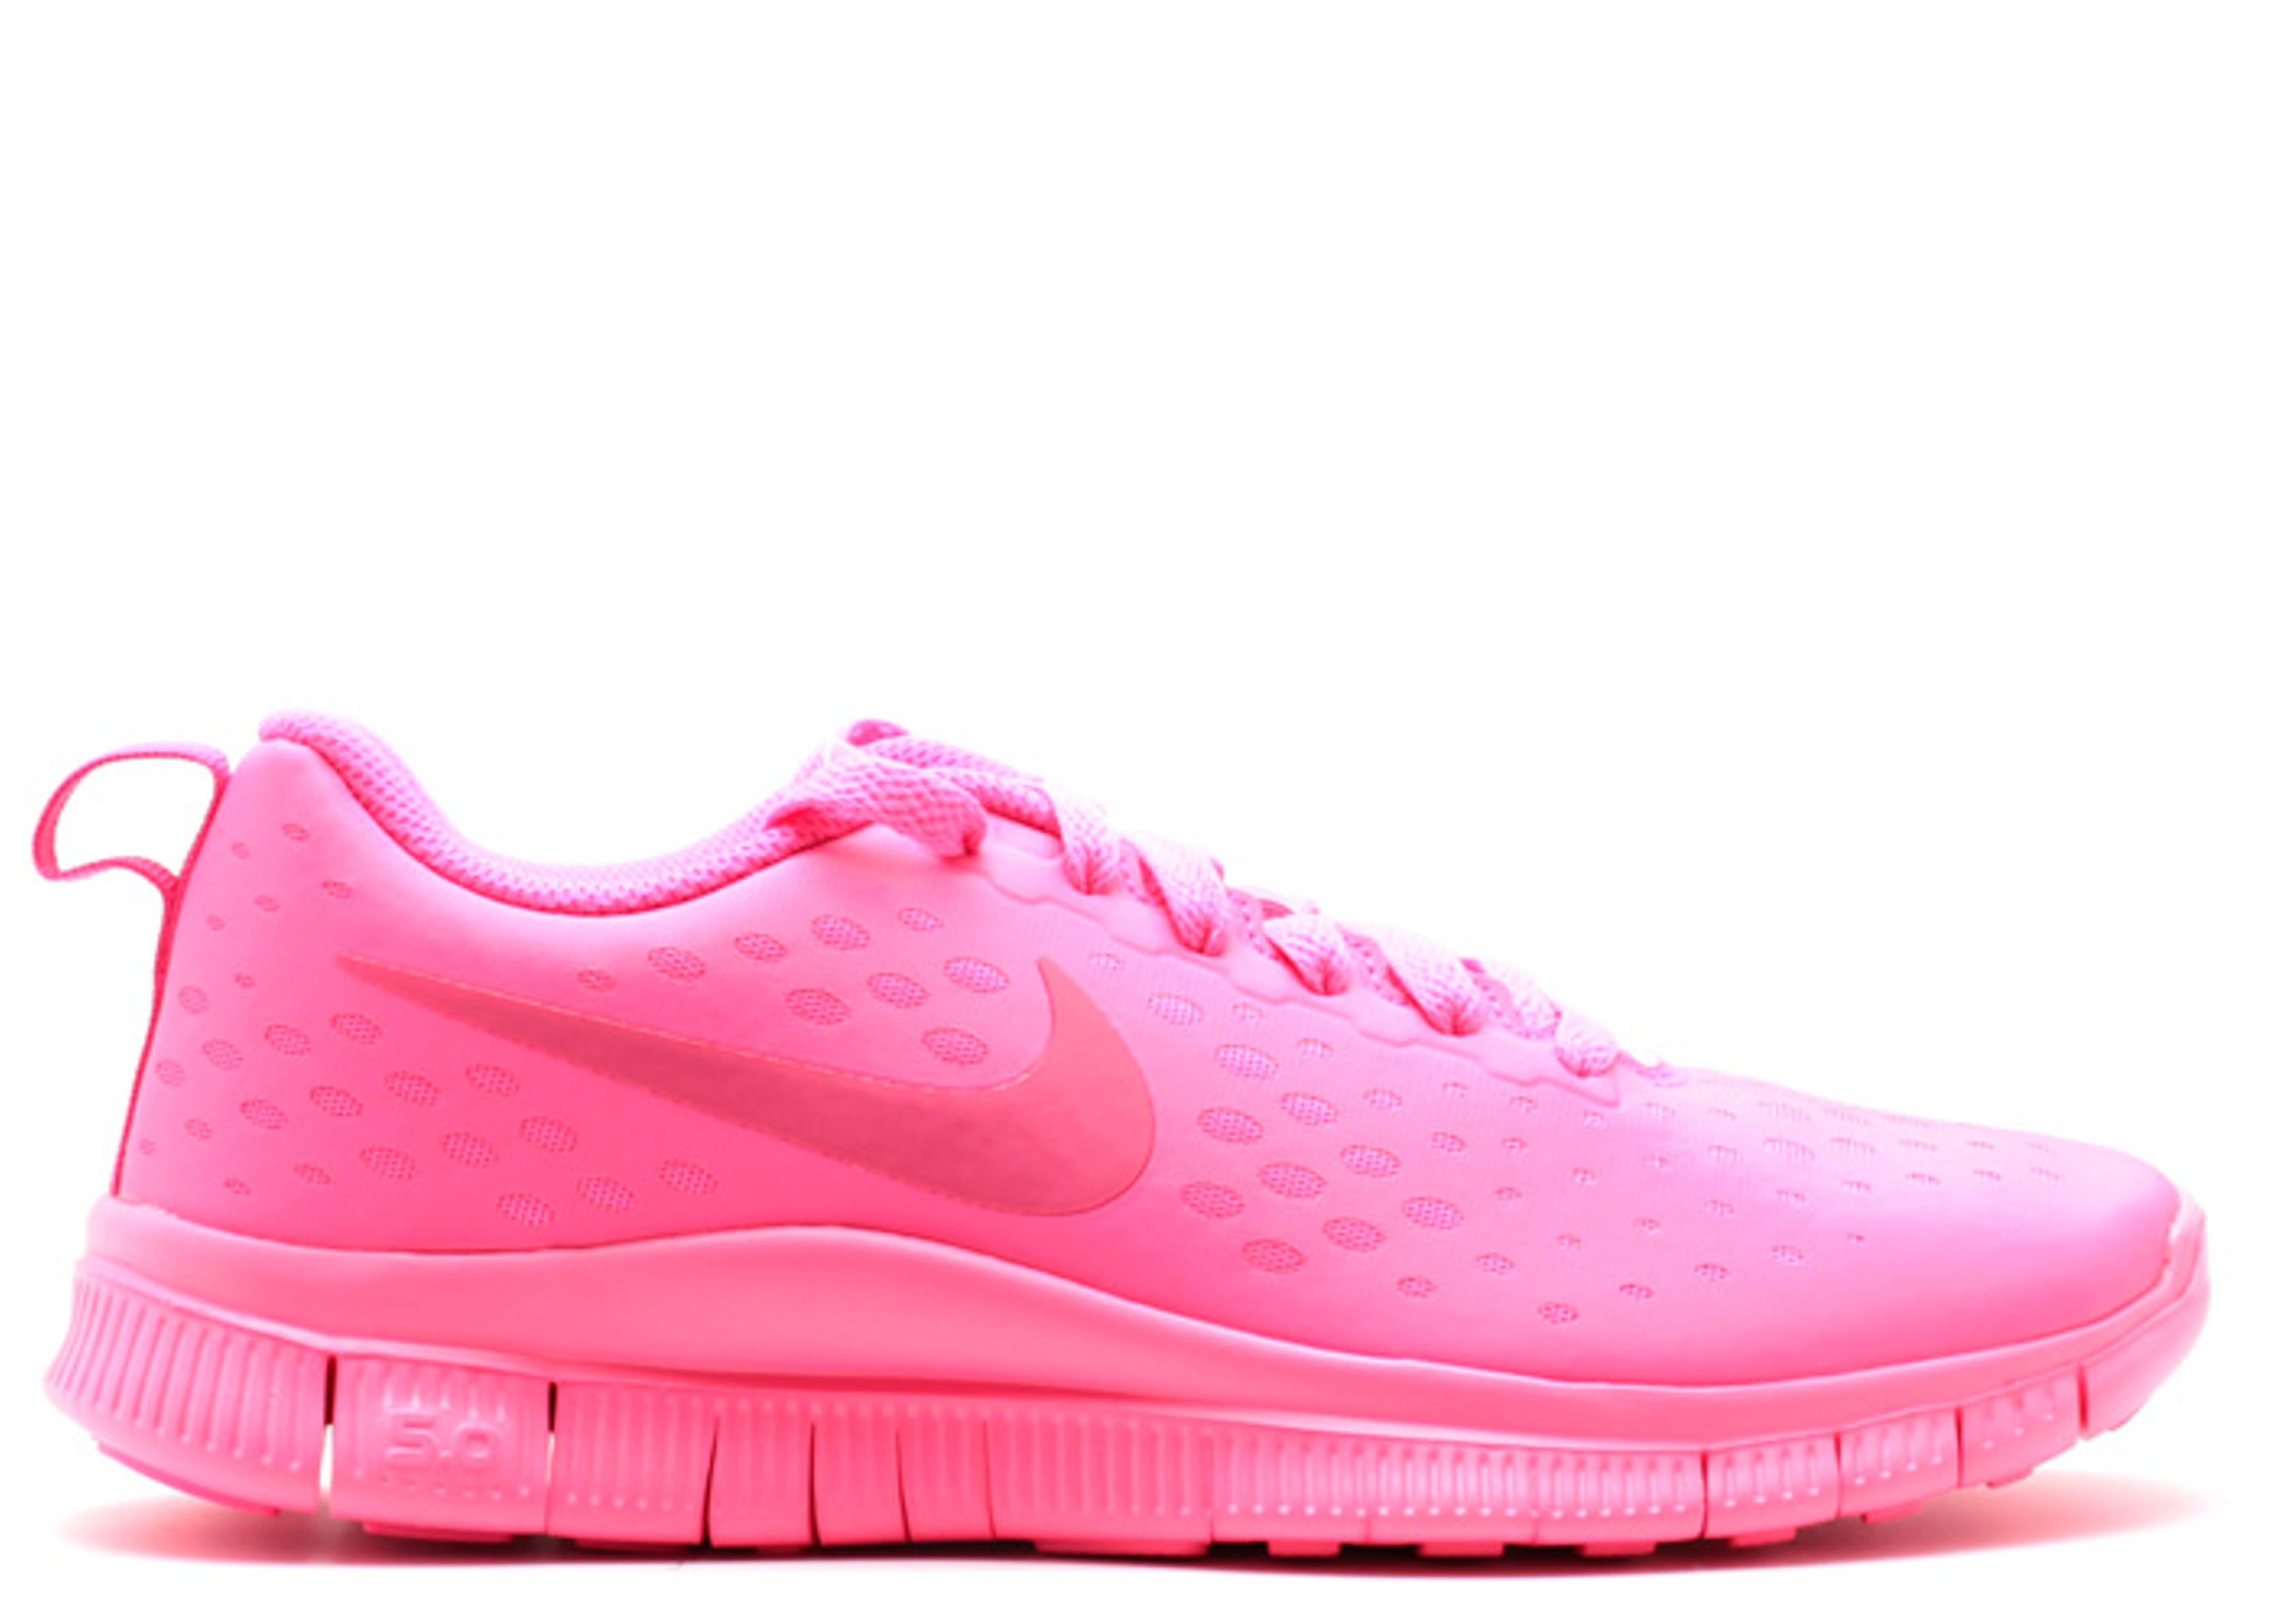 4dd647308d8 ireland nike kids free express gs hyper pink vivid pink running shoe 6  754de 59747  sweden nike. free express gs 56e40 f1419